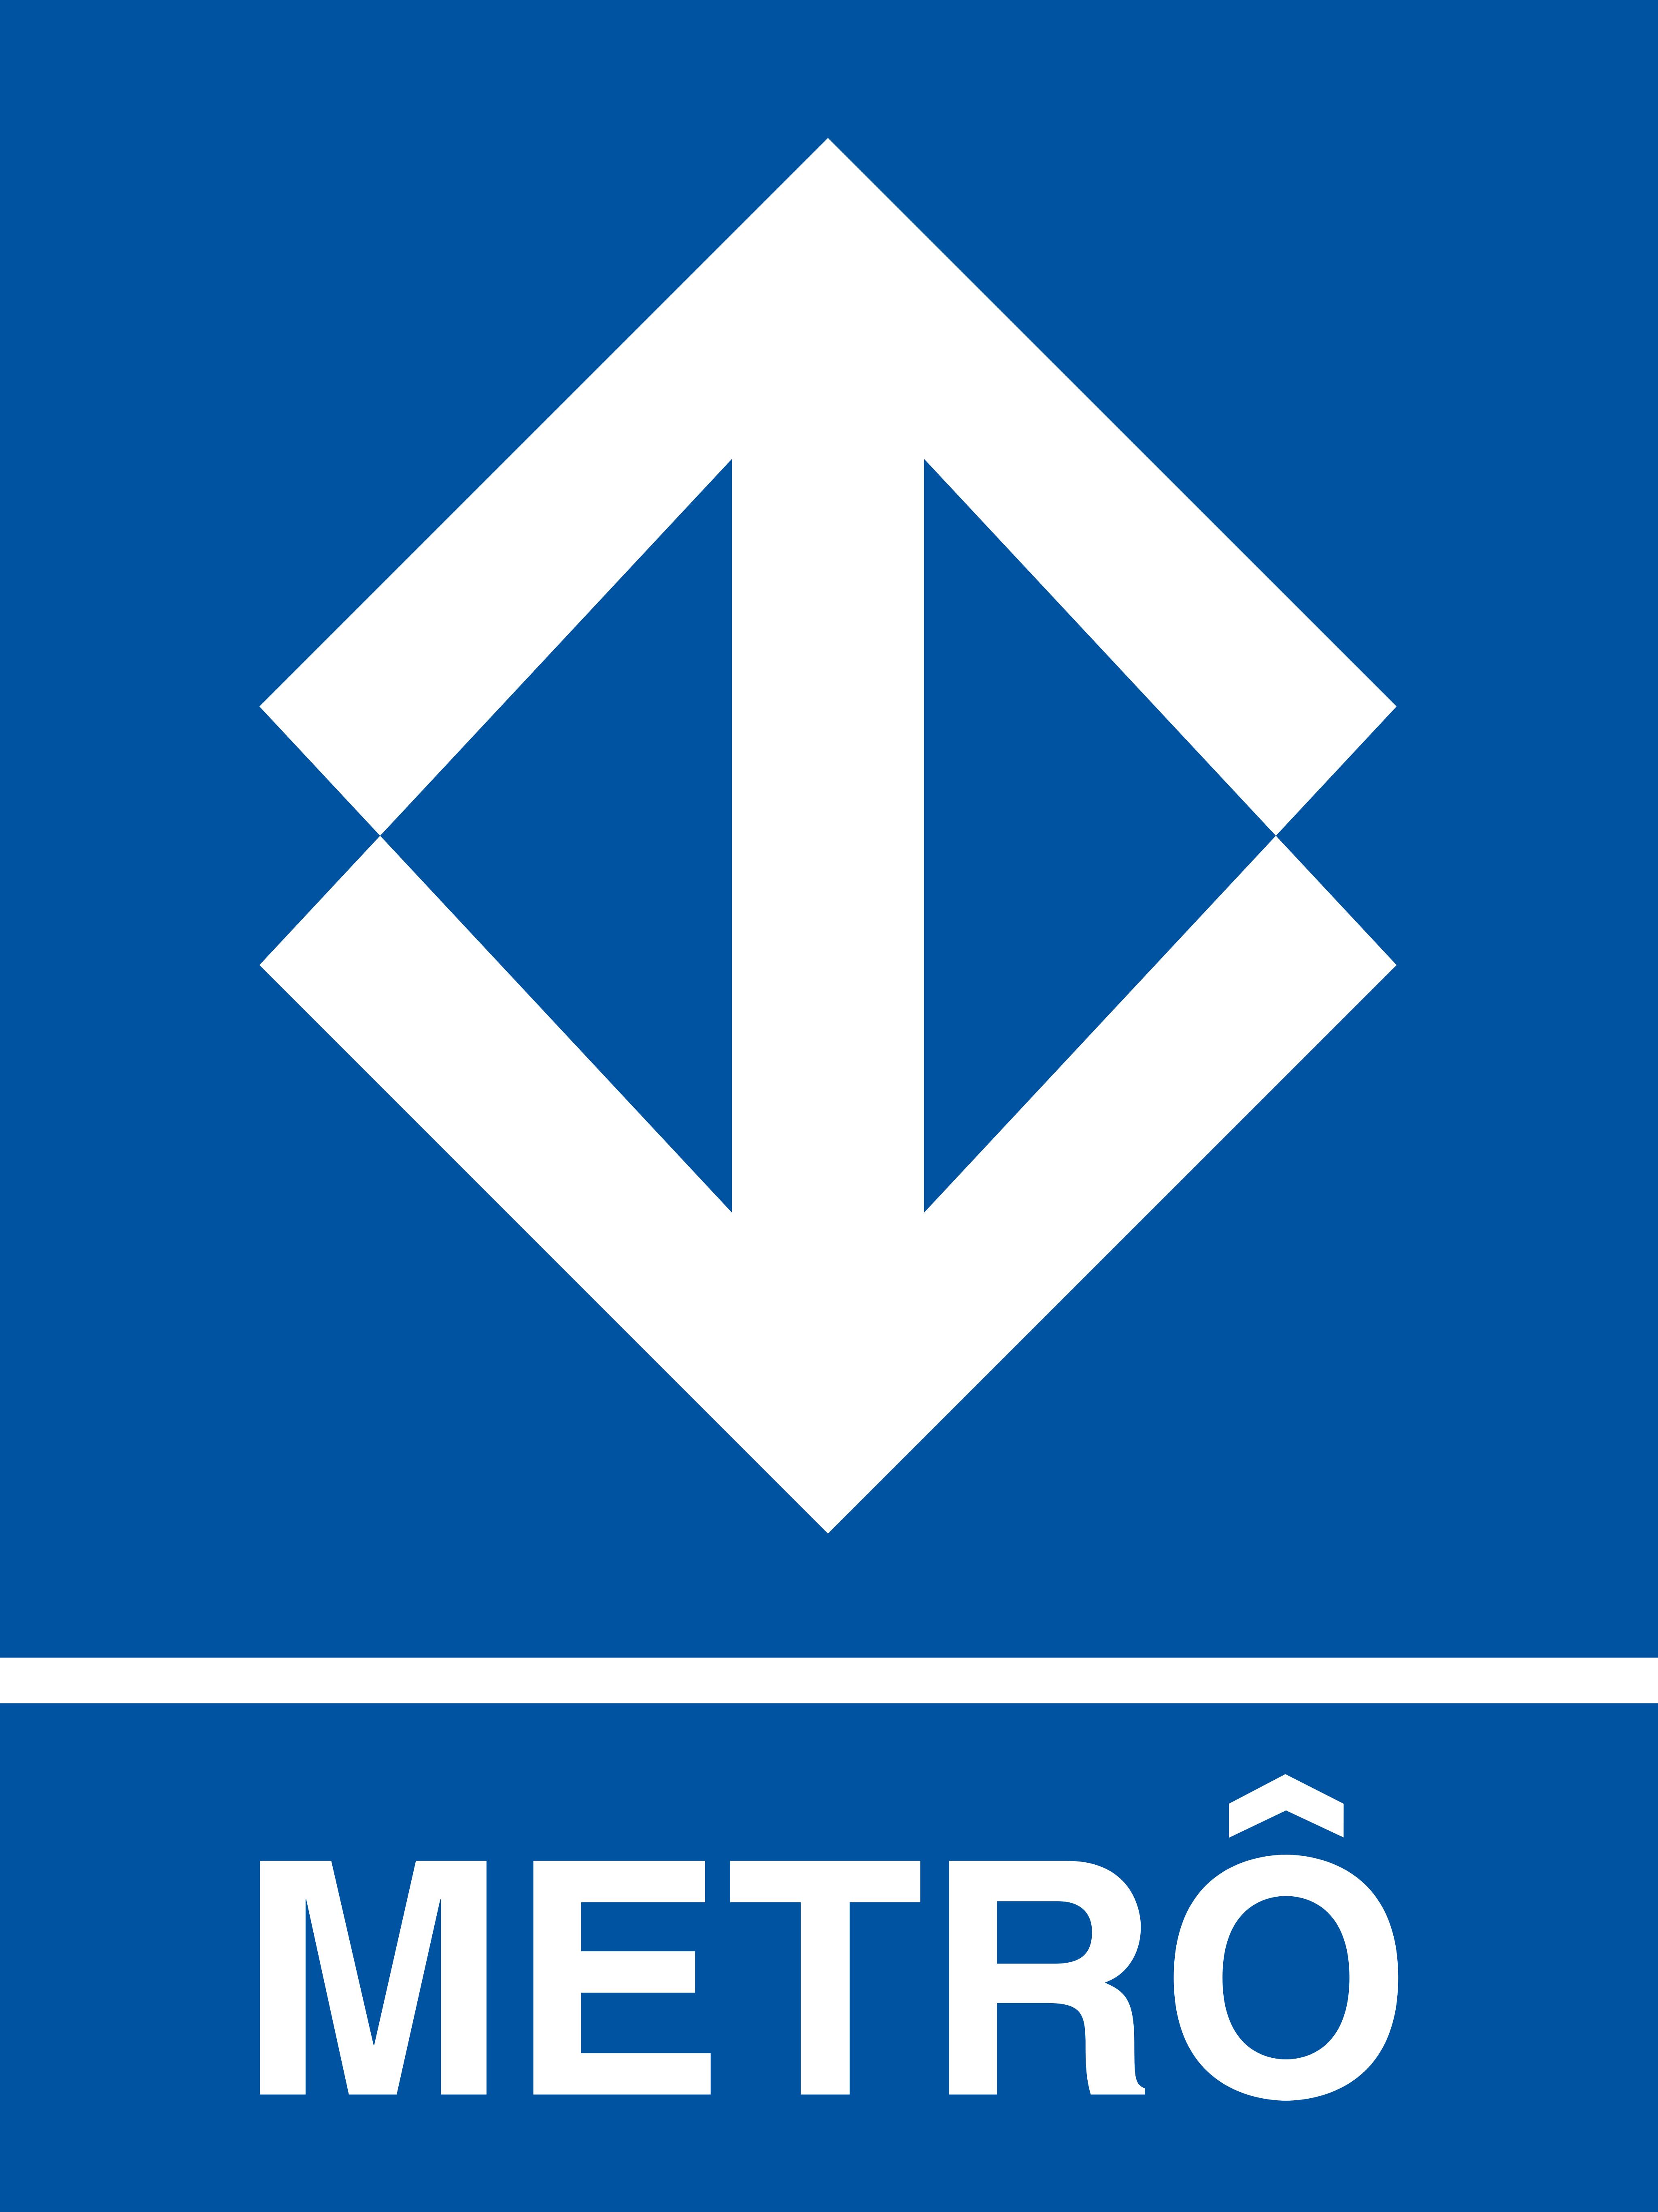 metro sp logo 1 - Metrô SP Logo